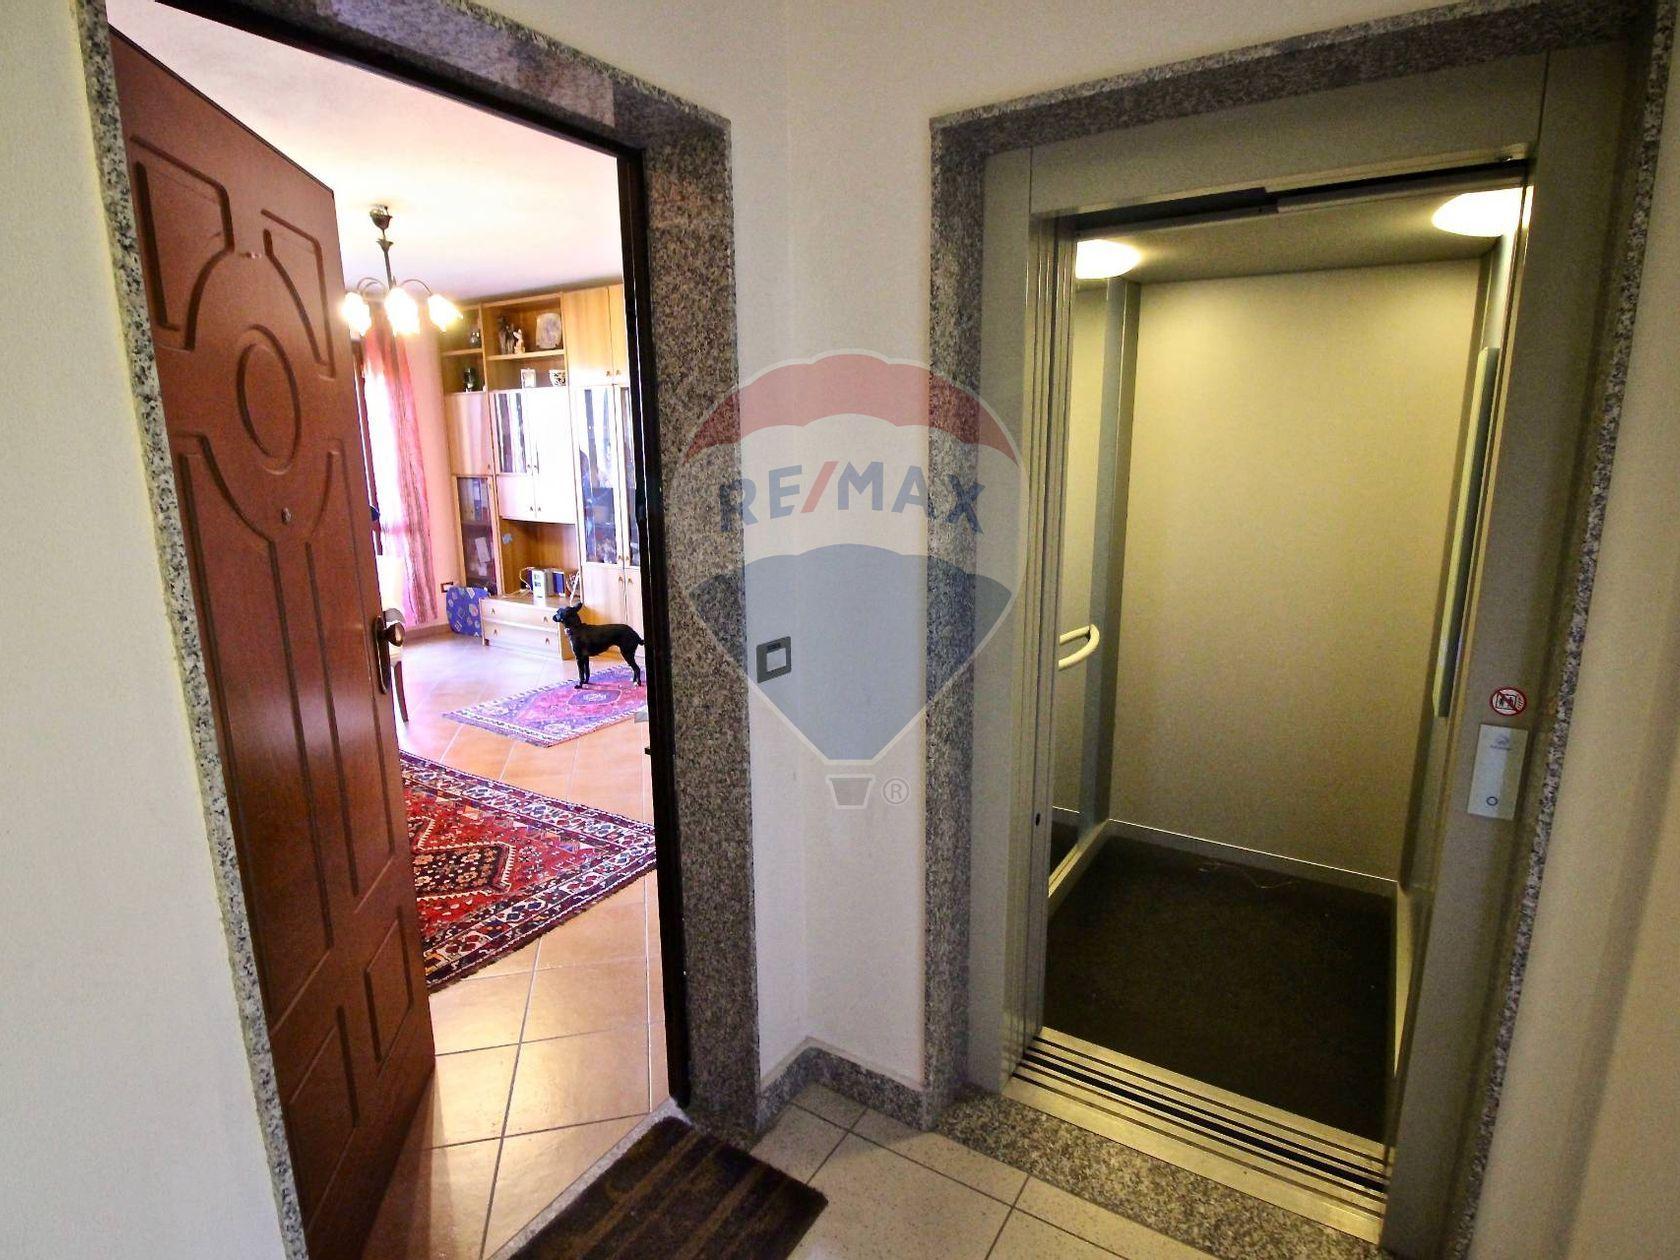 Appartamento Ss-sassari 2, Sassari, SS Vendita - Foto 4